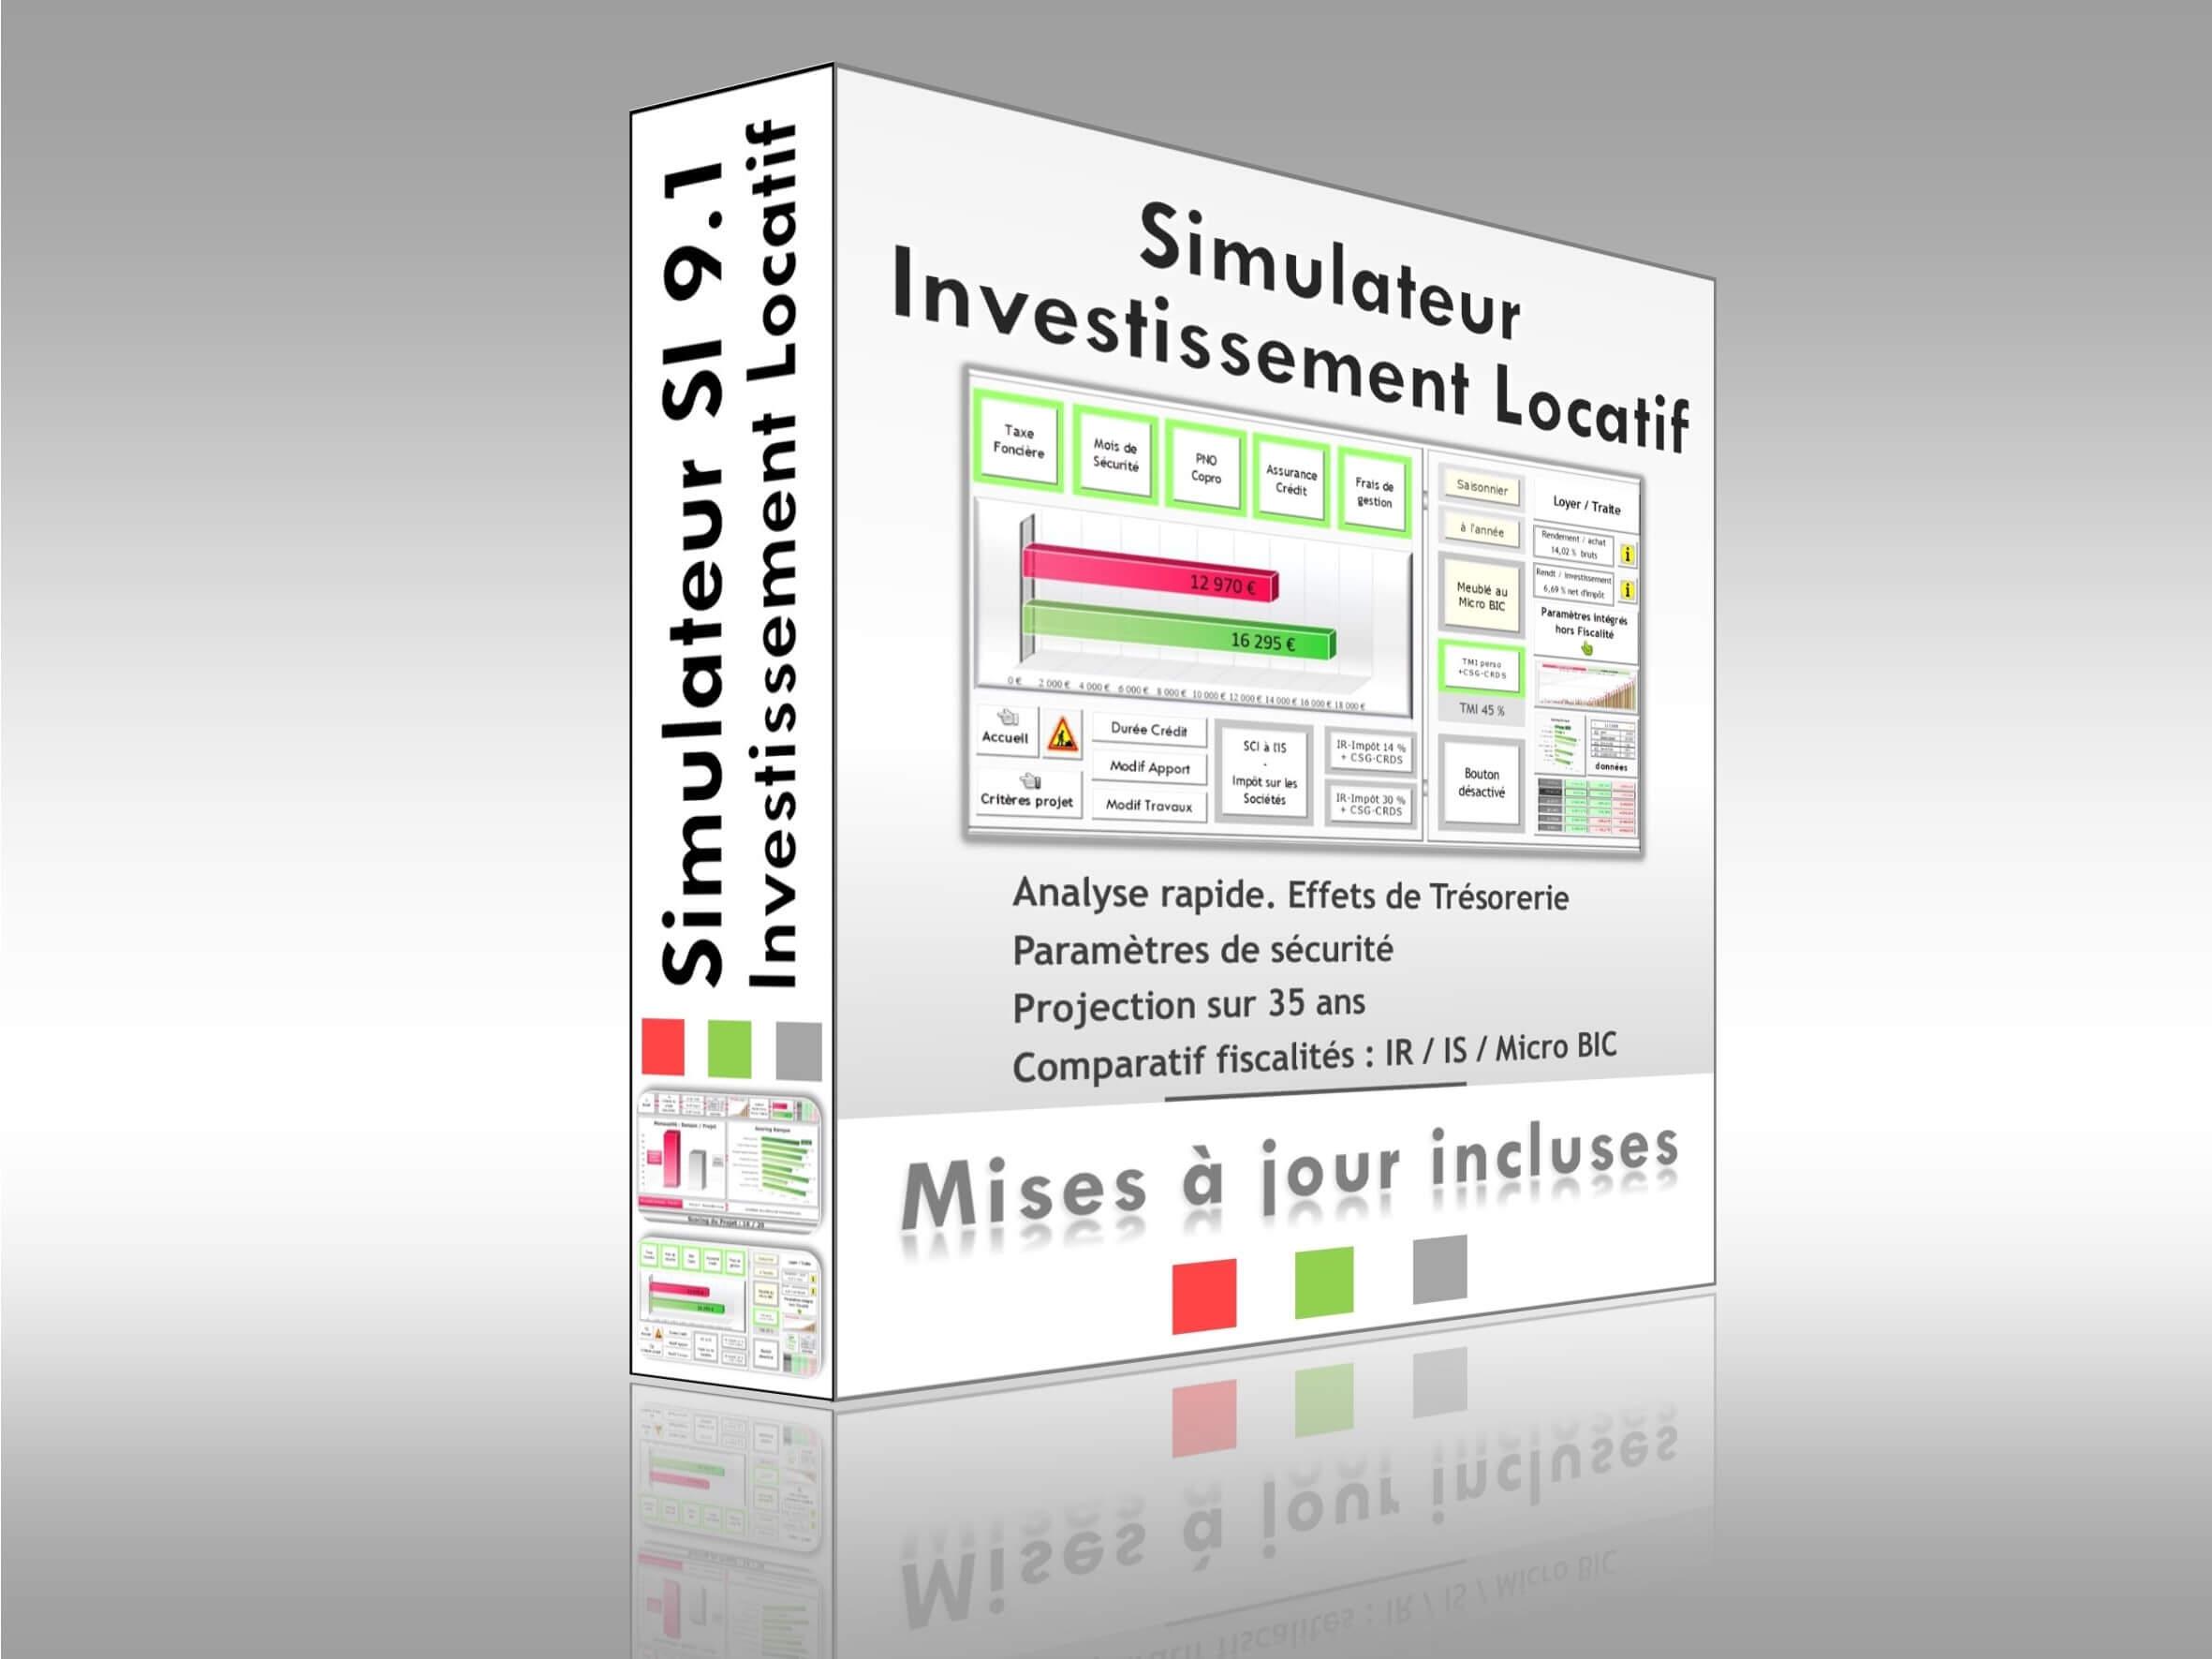 simulateur investissement locatif